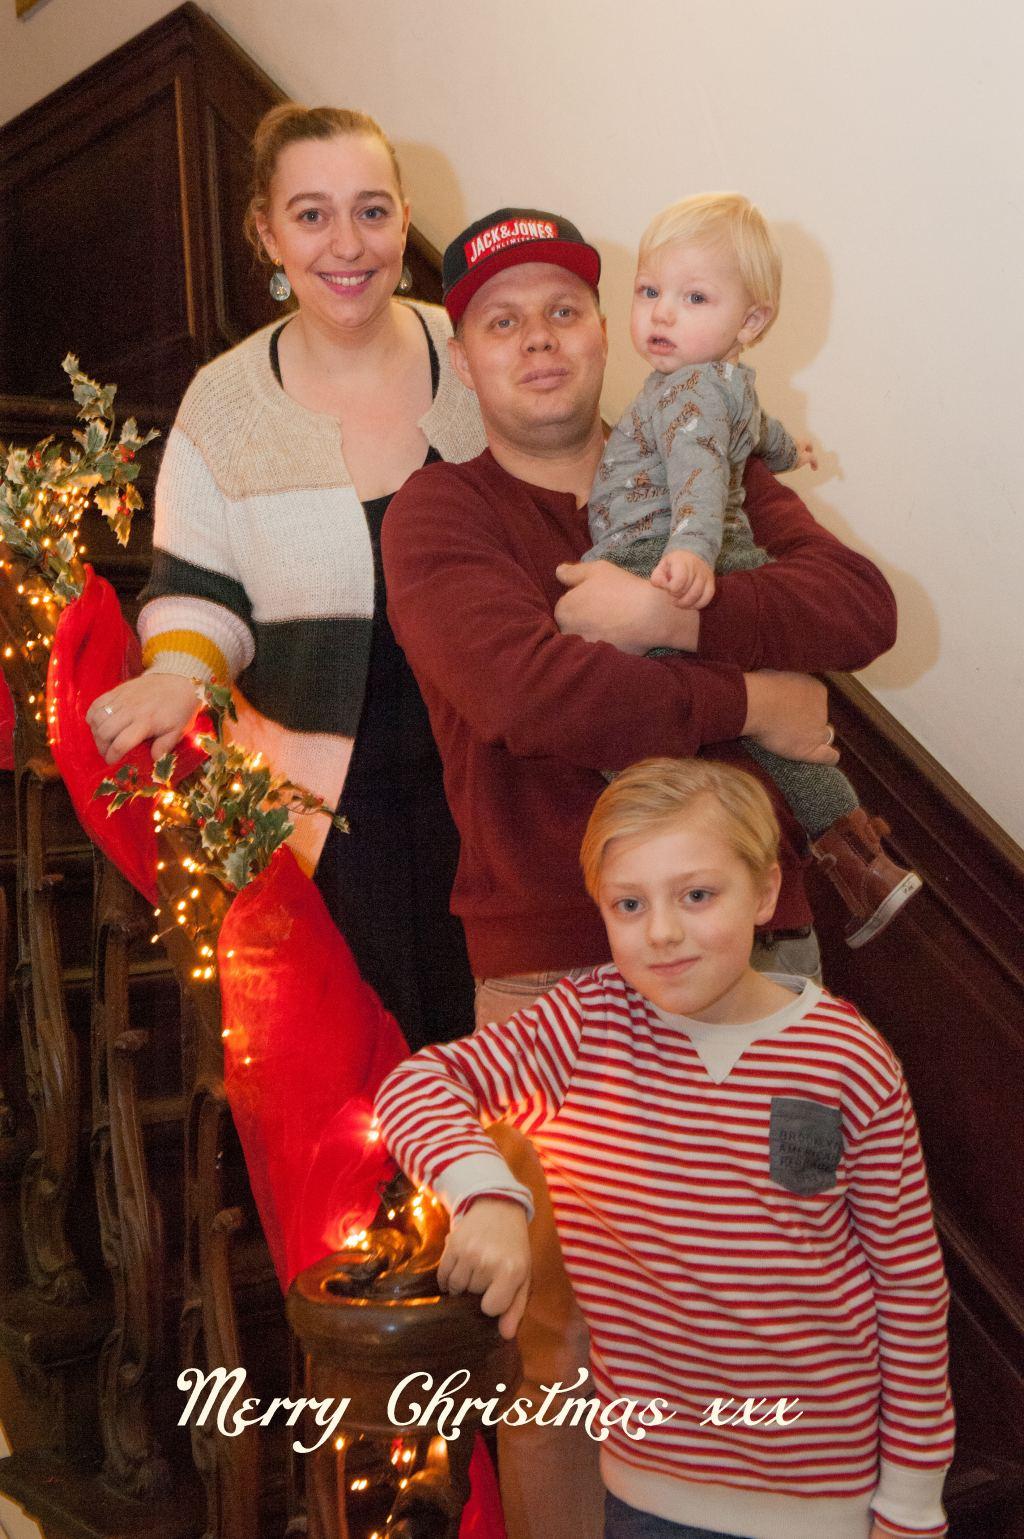 Fijne kerstdagen! Dit is mijn kerstwens voor jullie…